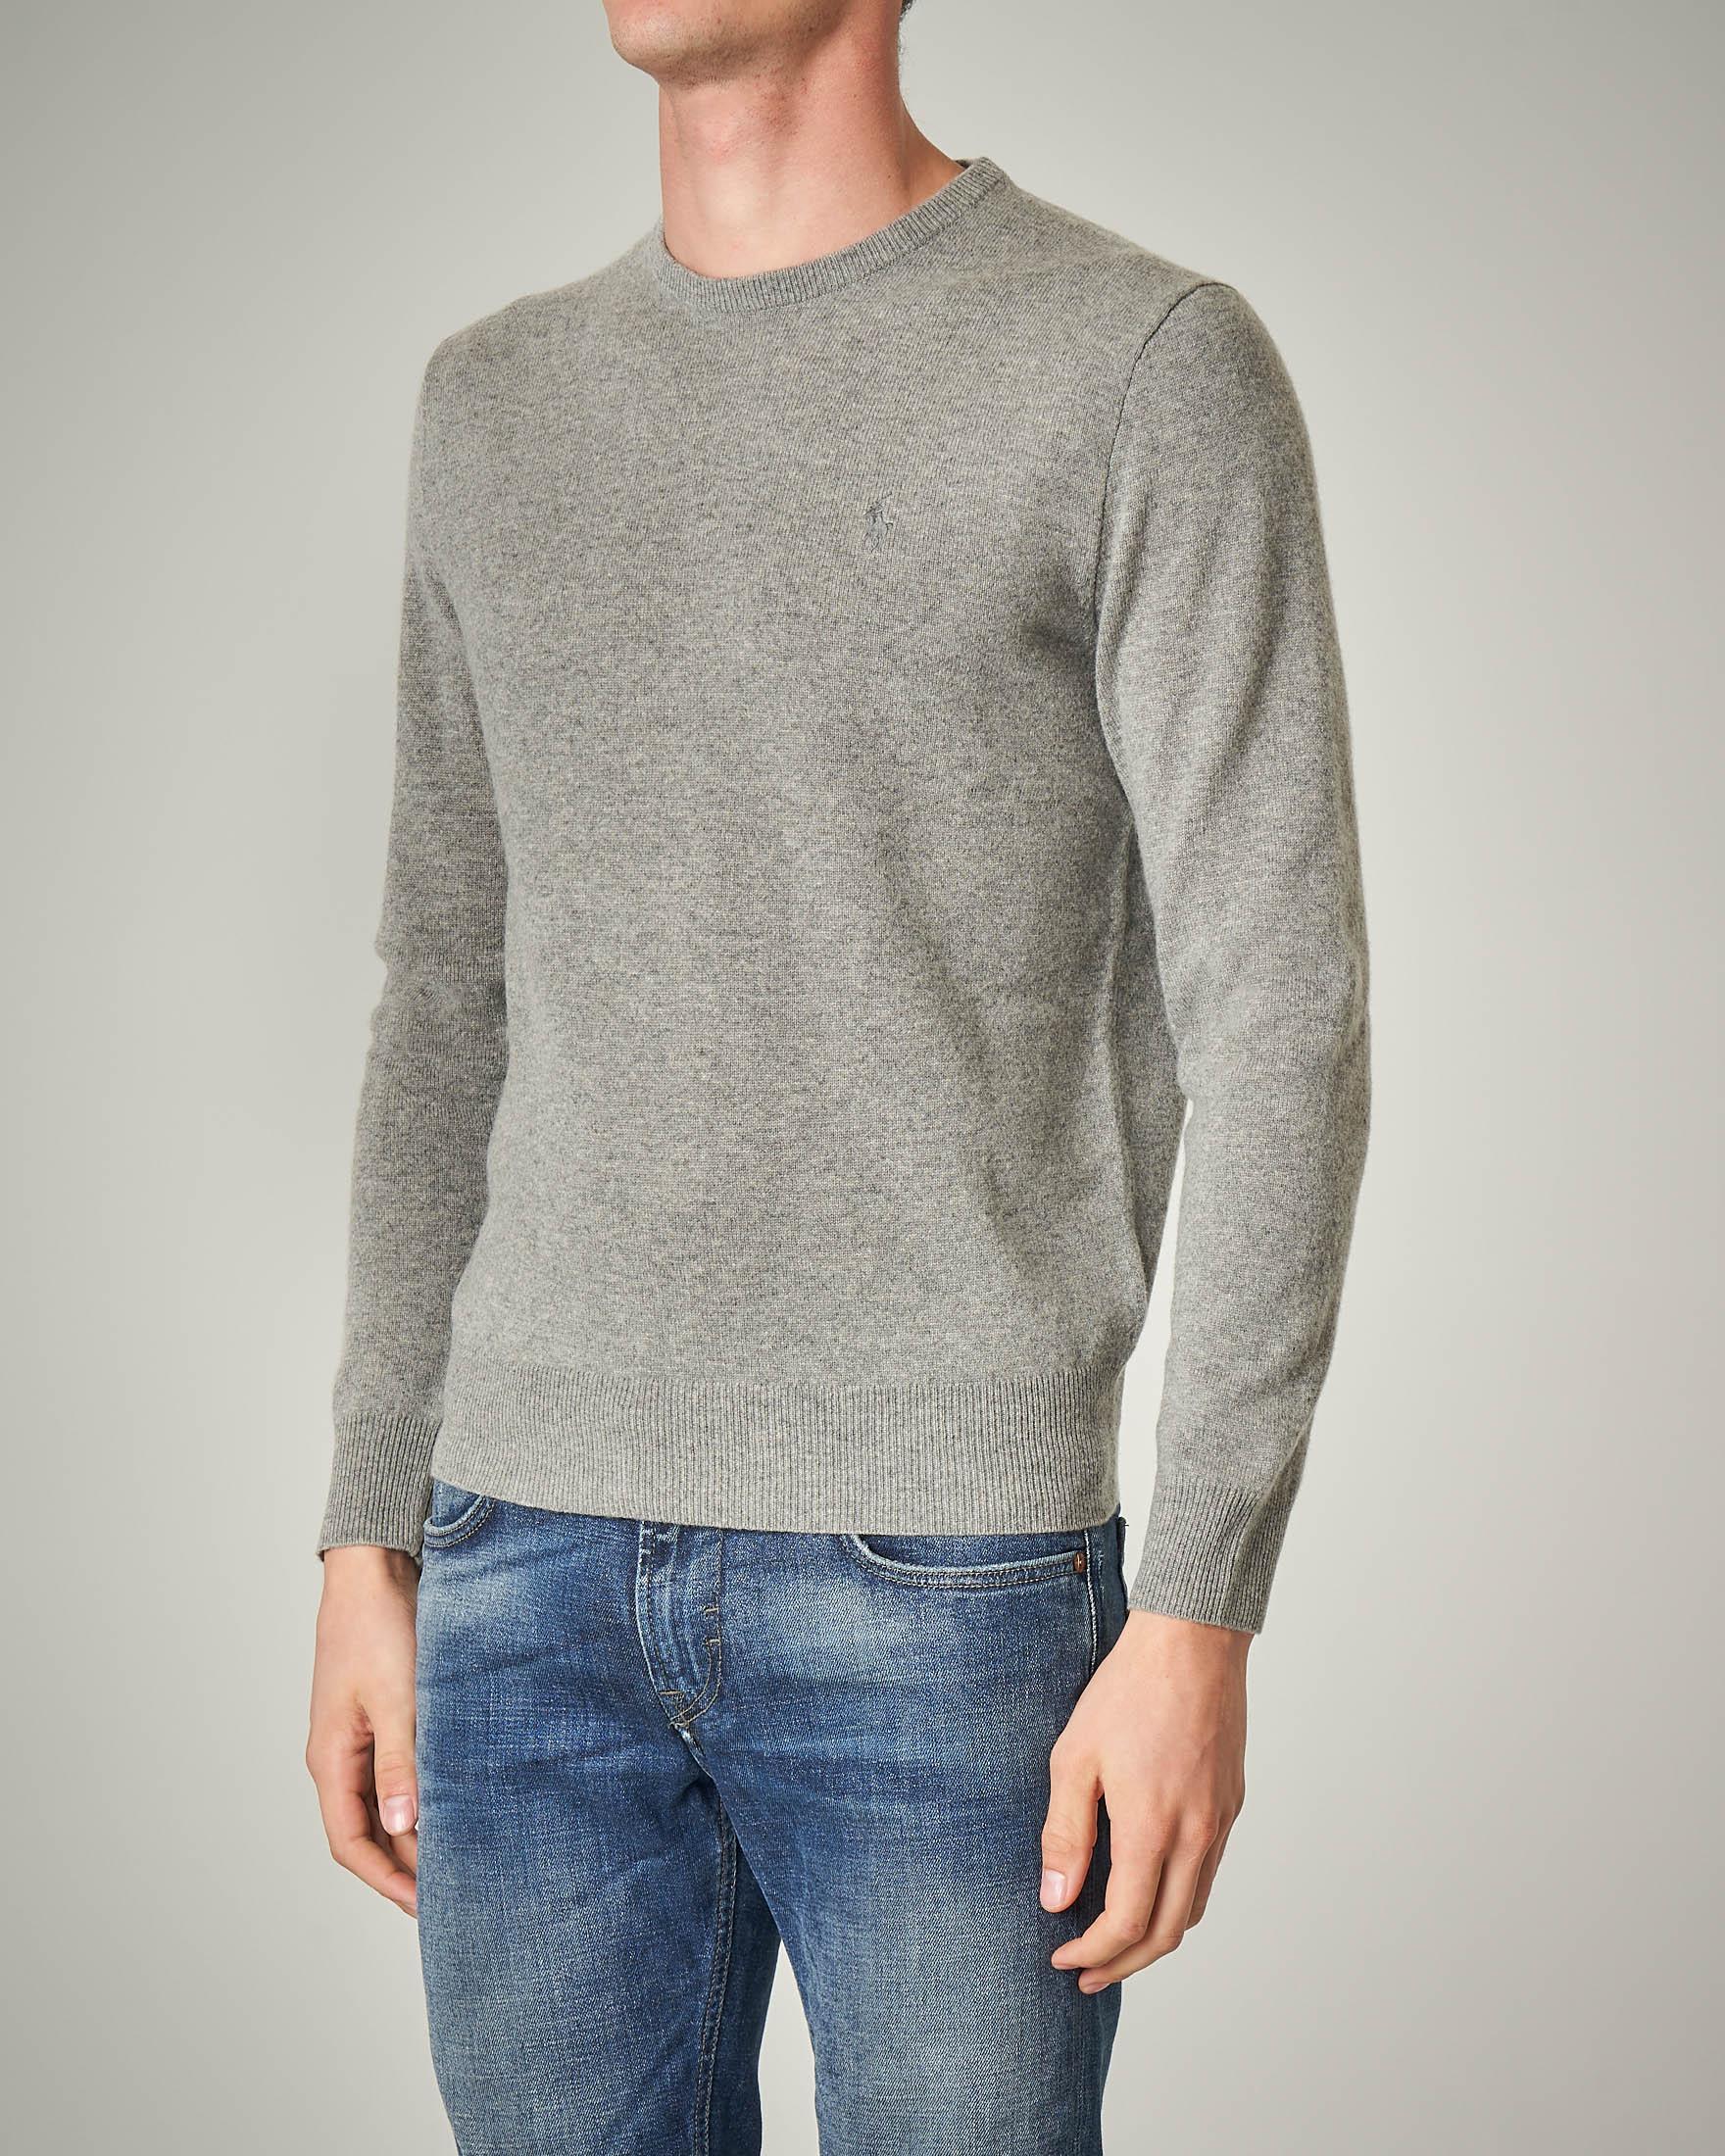 Maglia grigia girocollo in pura lana